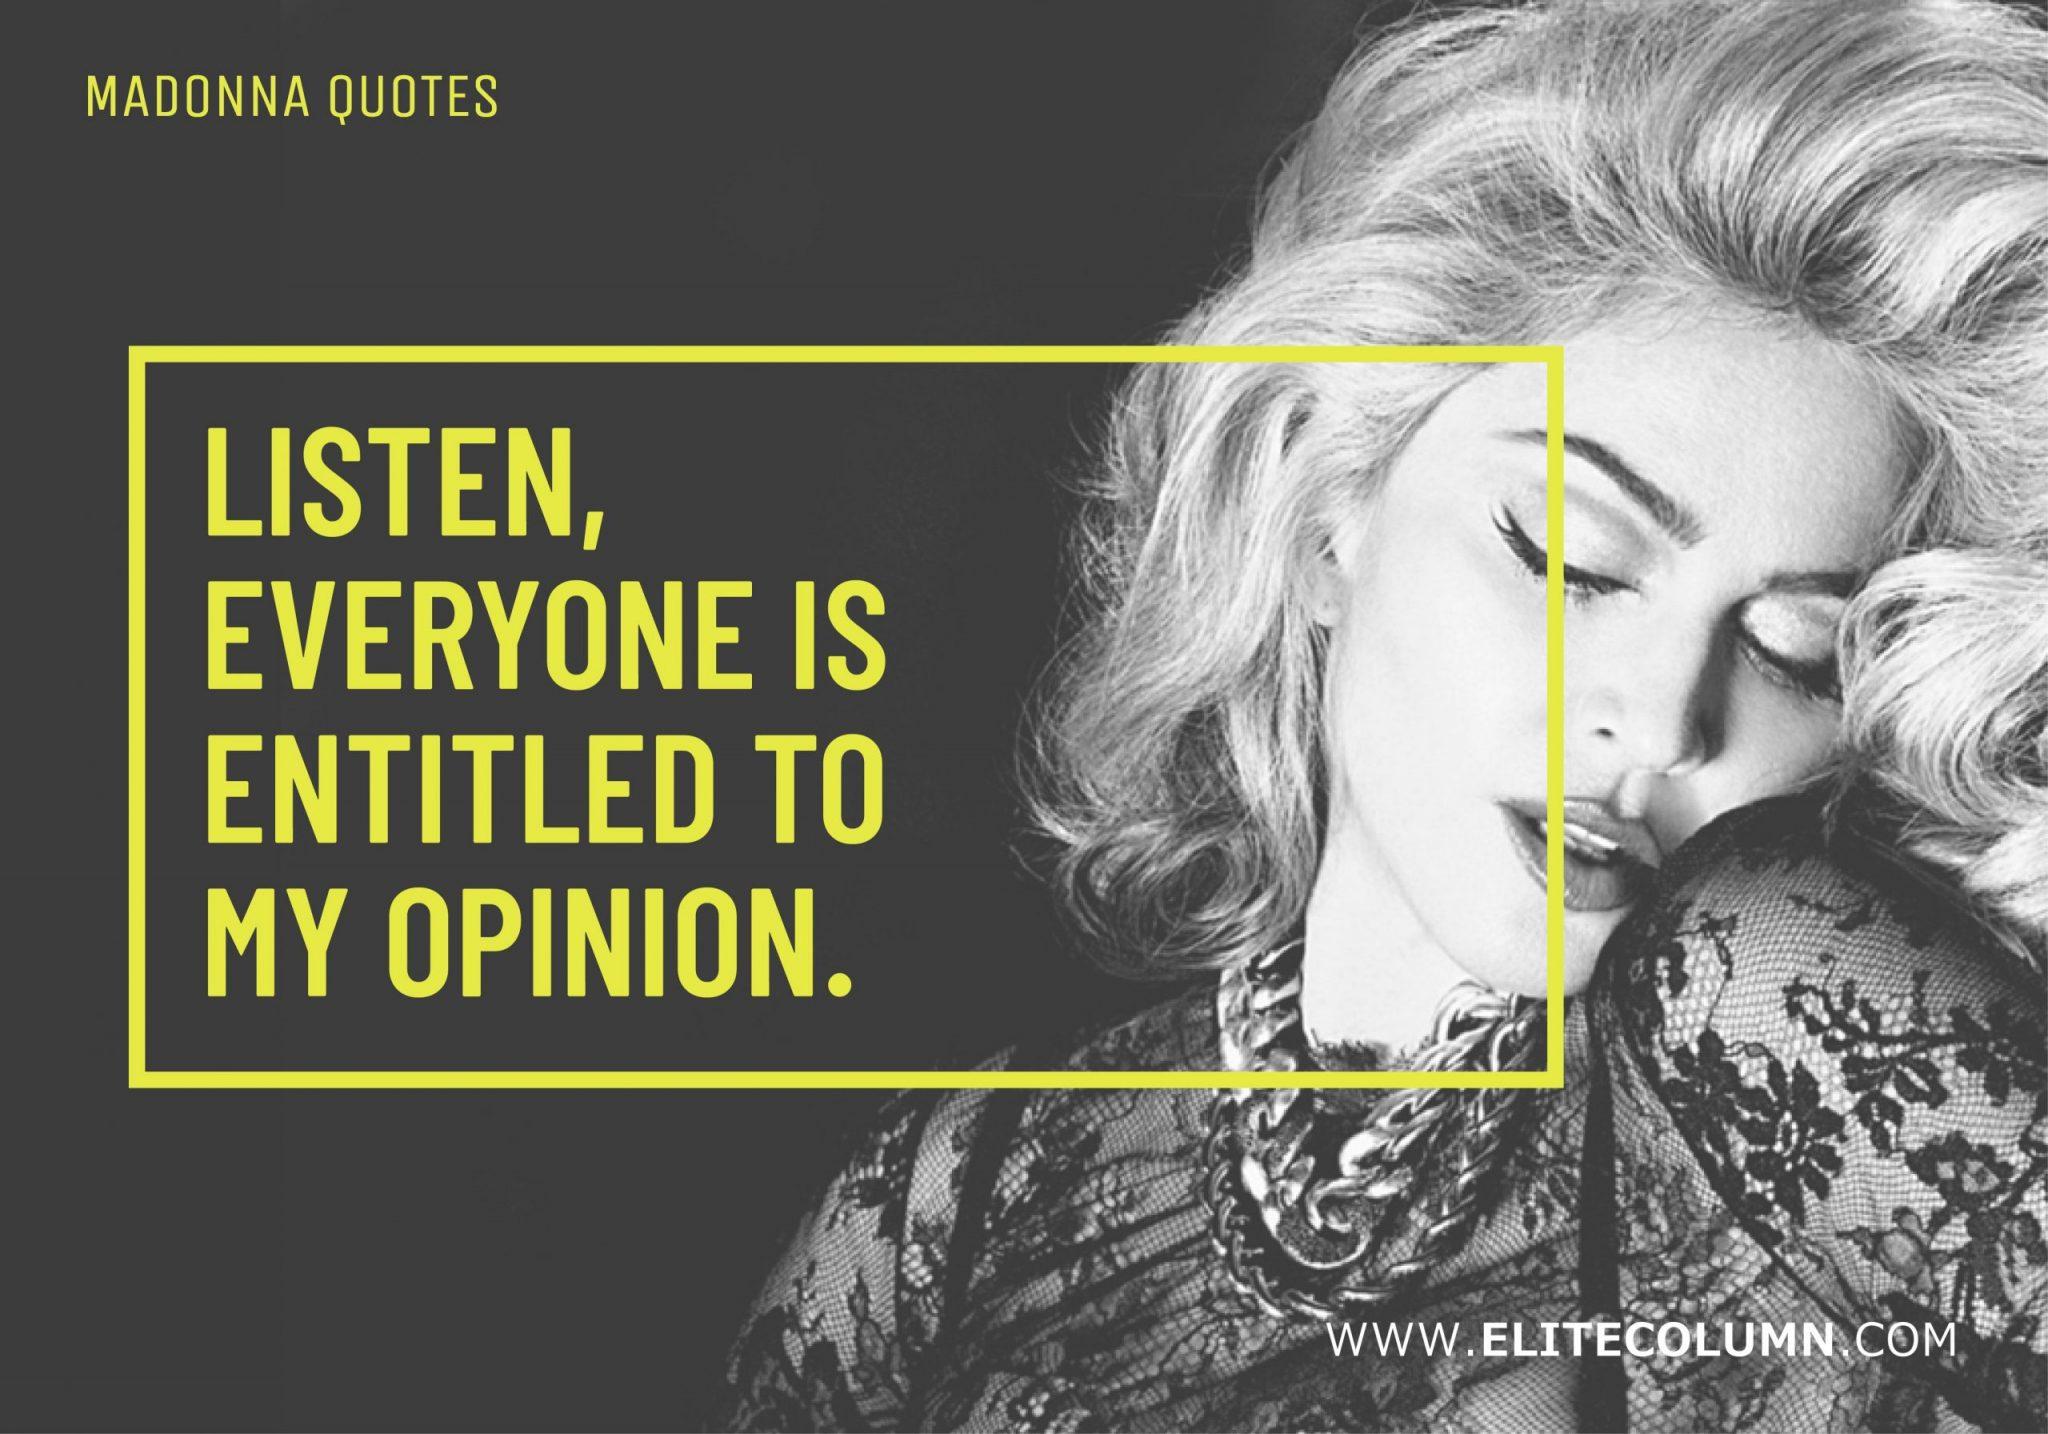 Madonna Quotes (8)